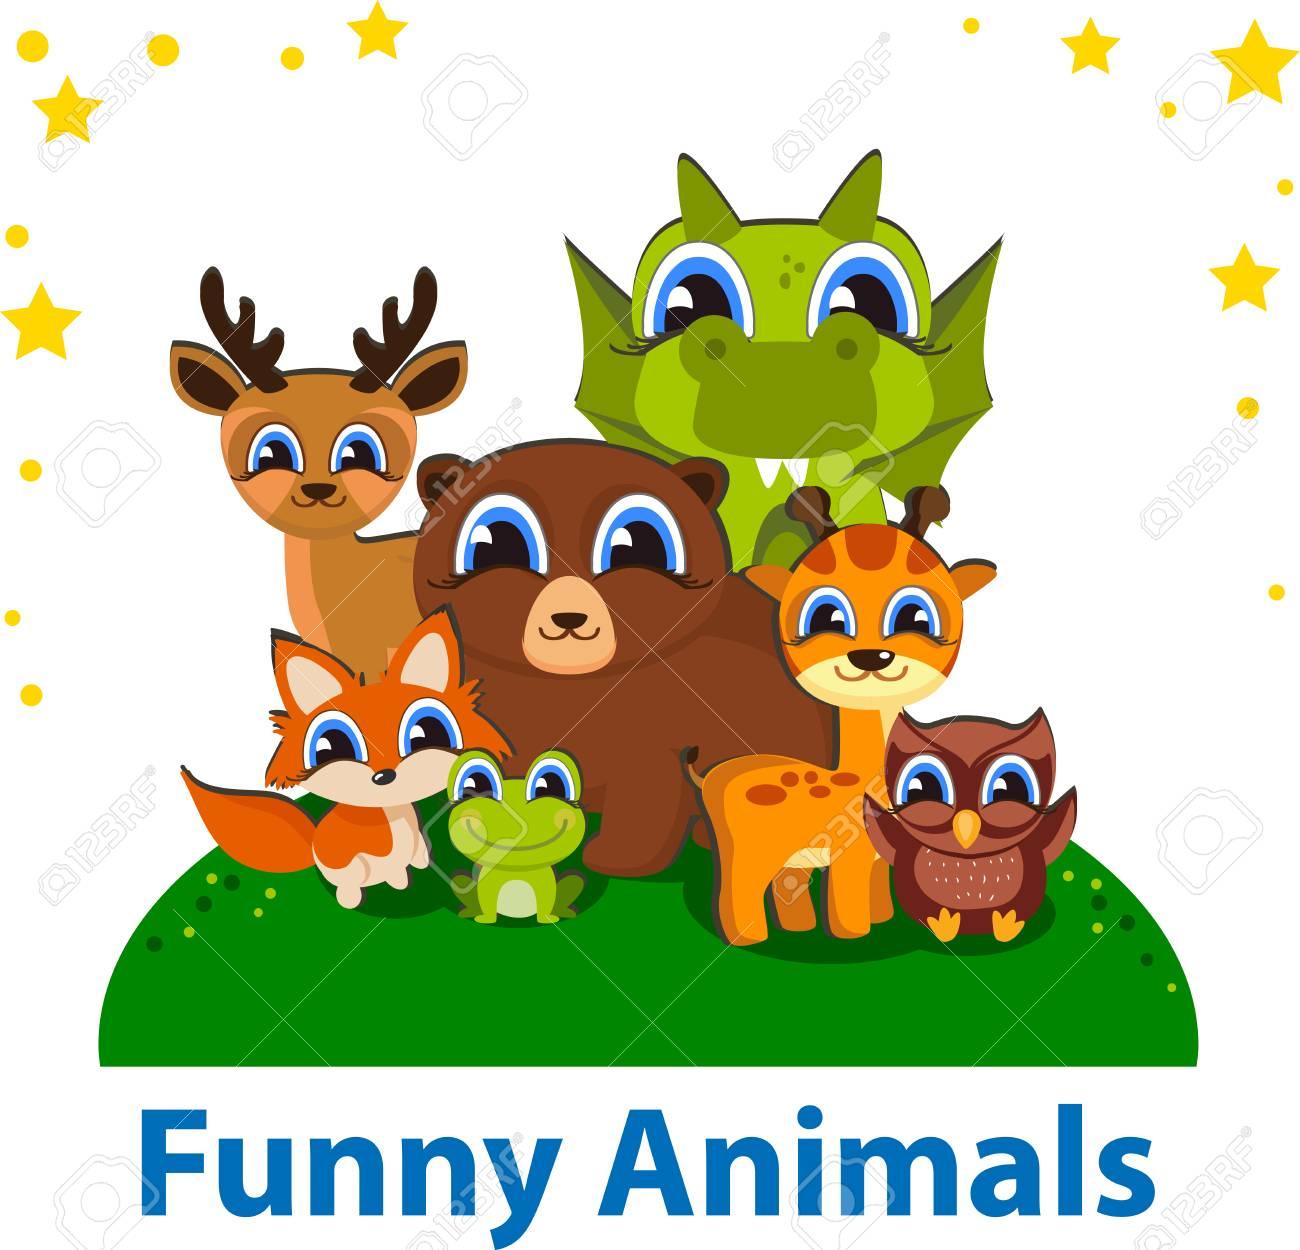 Funny Animals Editierbare Vektor-Vorlage. Ideal Für Kinder, Für Das ...